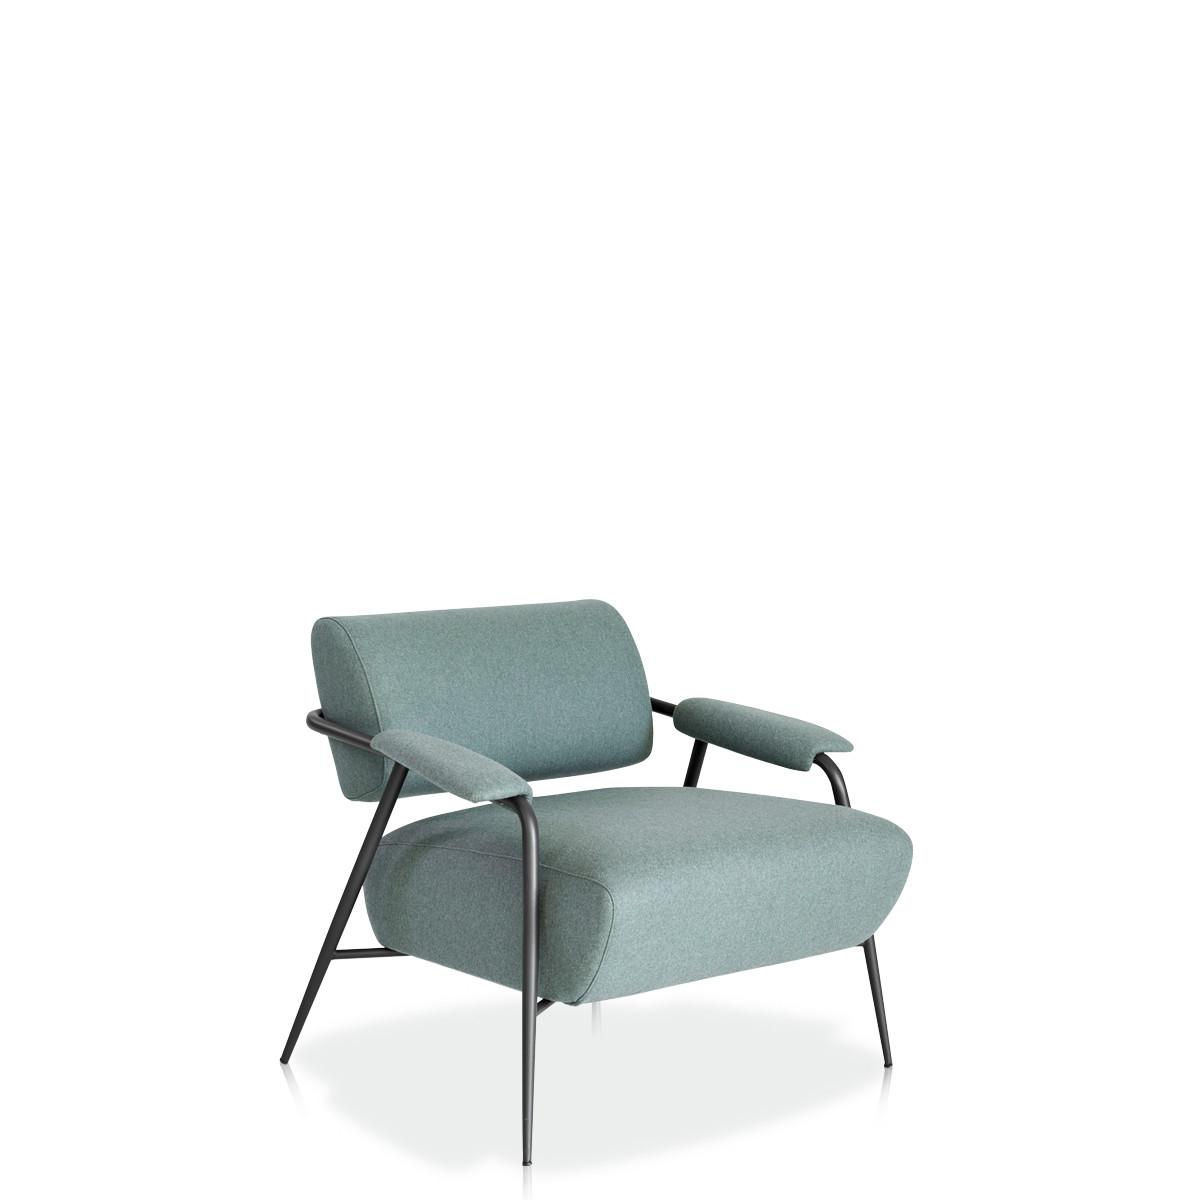 Entdecken Sie bei Conzept Beckord besondere Designmöbel! Hier finden Sie Potocco Sofas und Sessel: Stay